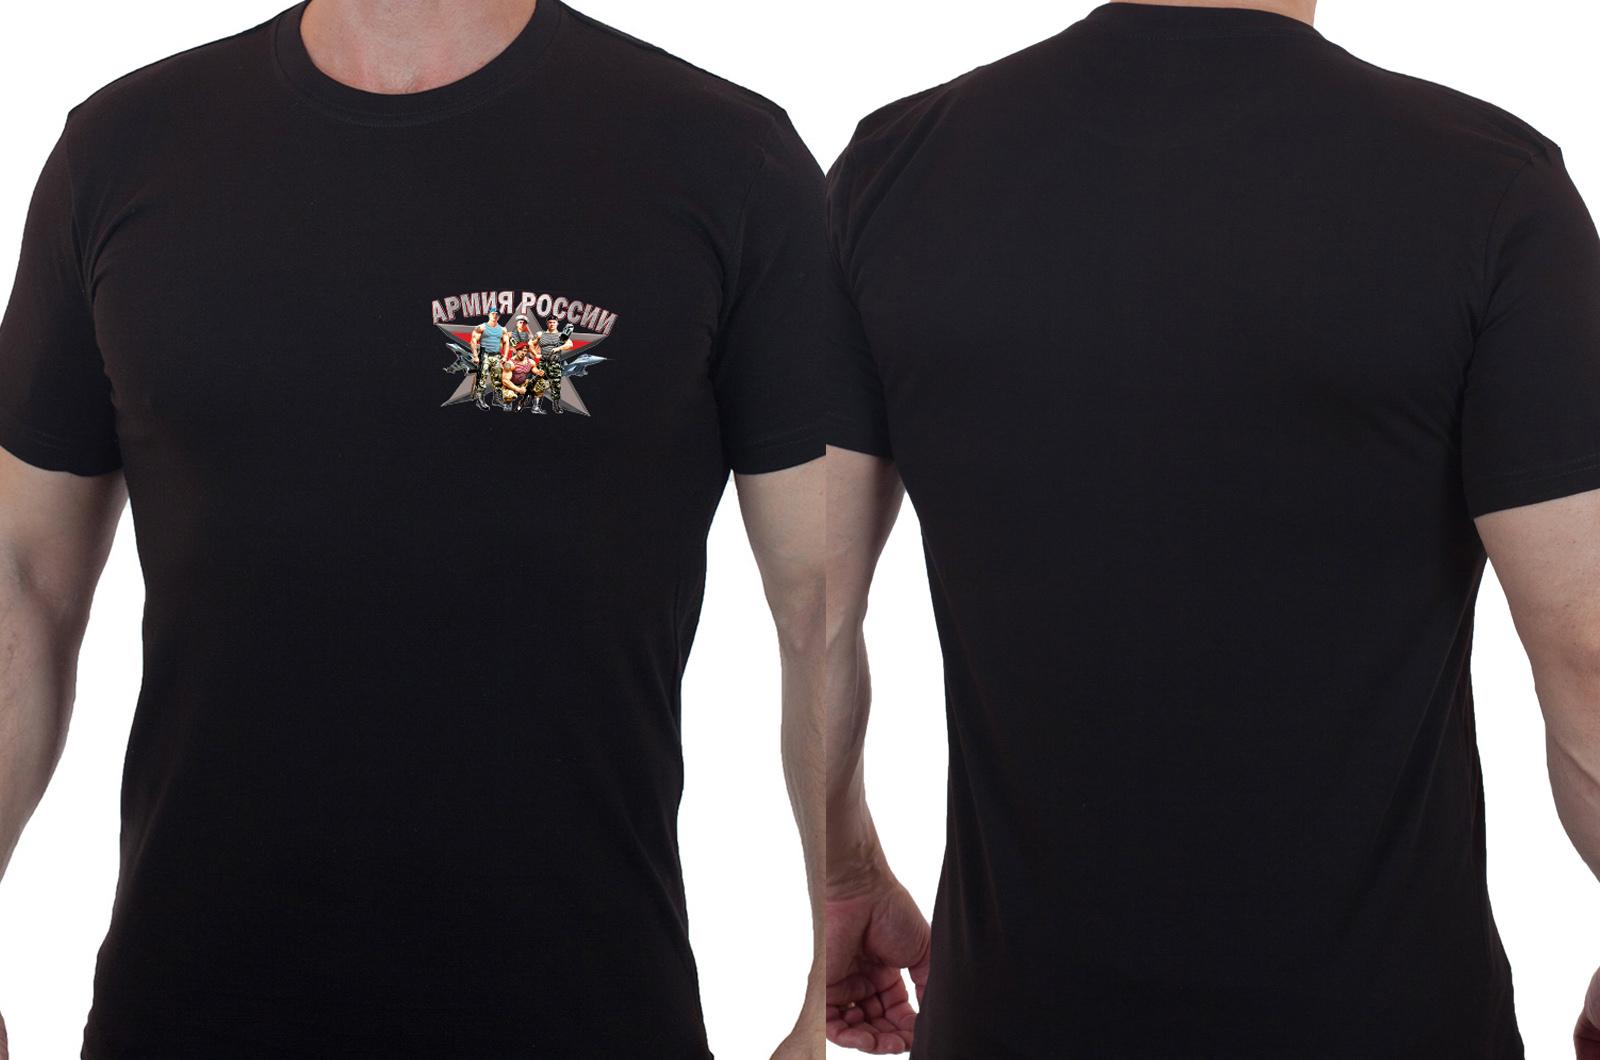 Оригинальная хлопковая футболка Армия России - купить с доставкой